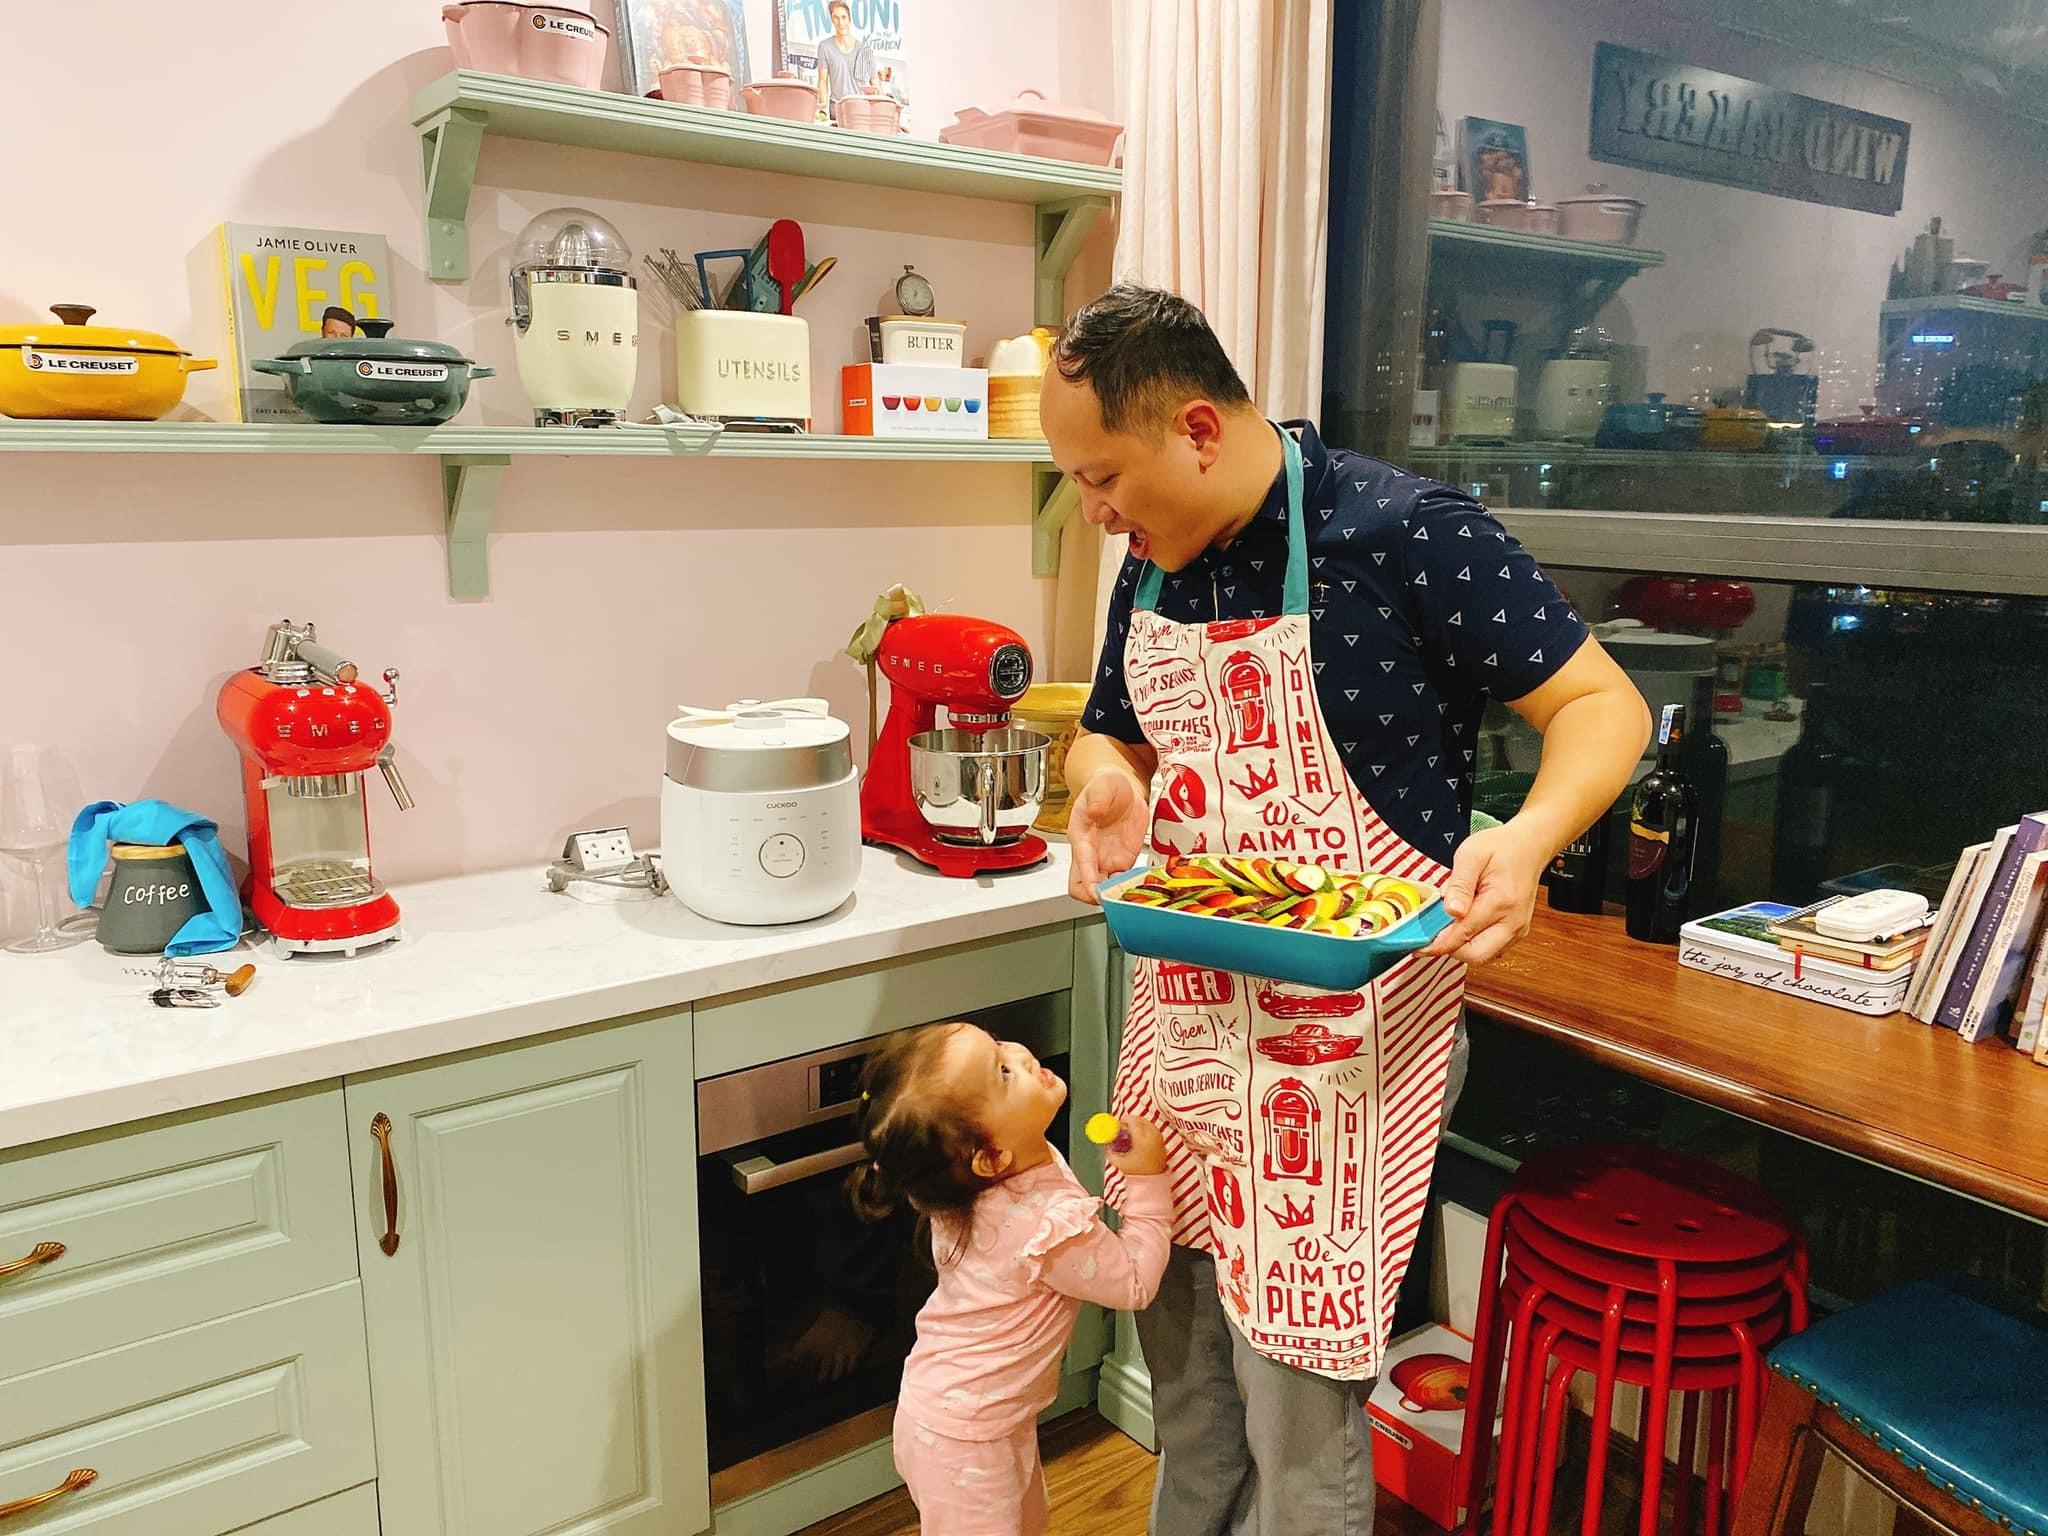 Đê mê trước ngôi nhà của người phụ nữ yêu bếp núc